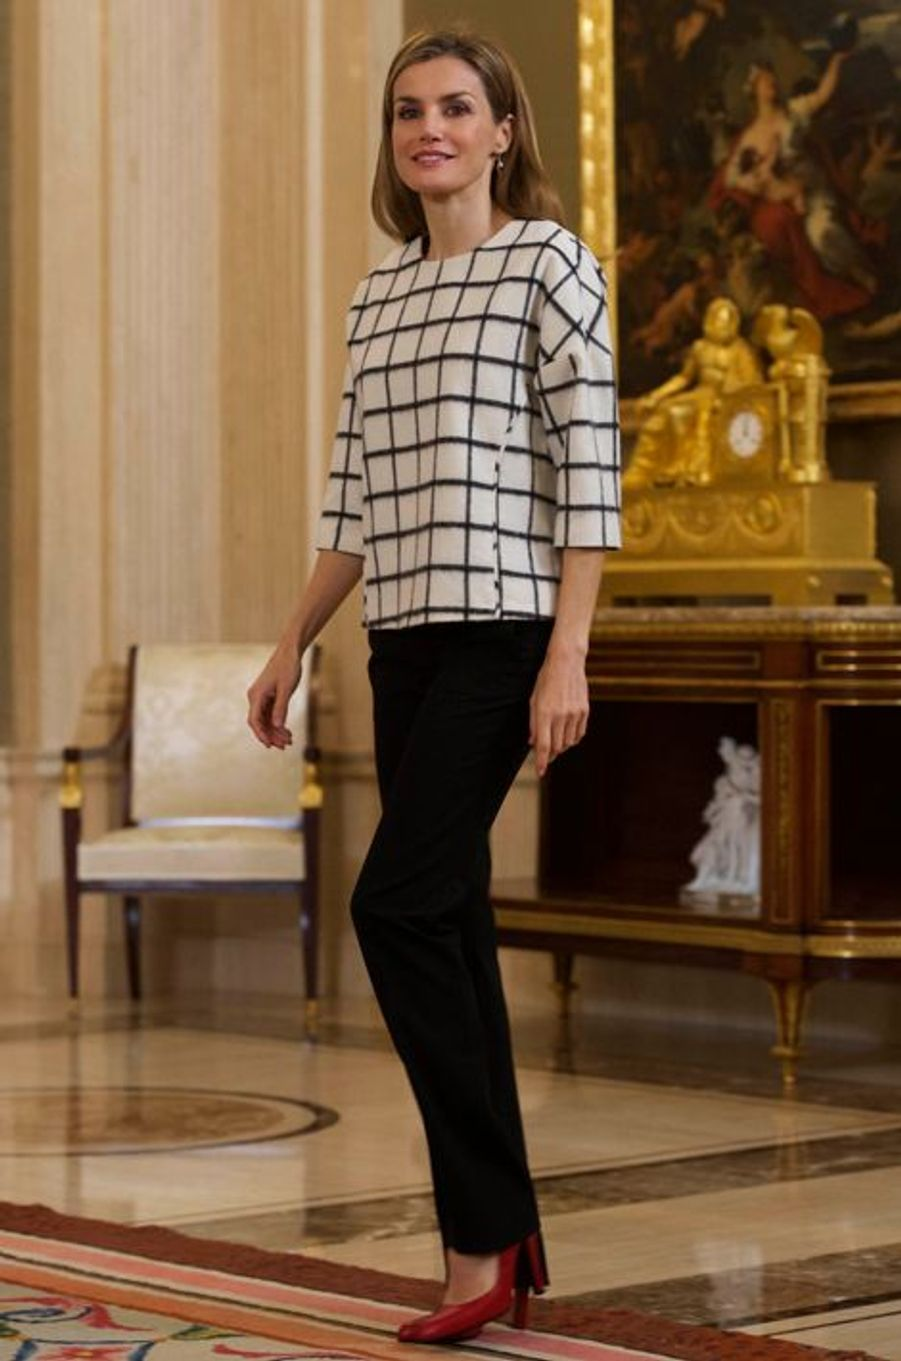 La reine Letizia d'Espagne au palais de la Zarzuela à Madrid, le 3 novembre 2014